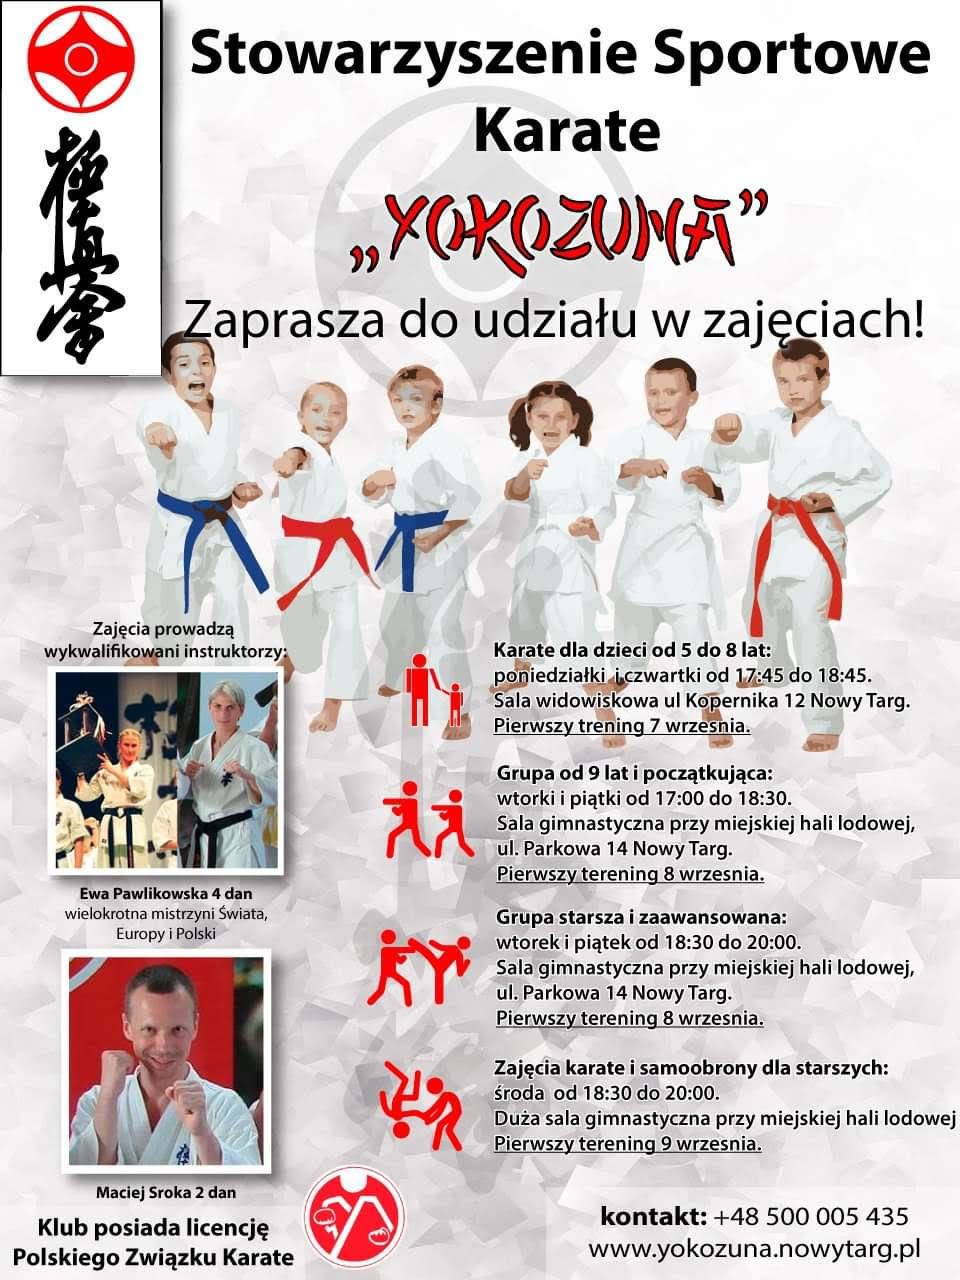 Yokozuna zaprasza do udziału w zajęciach